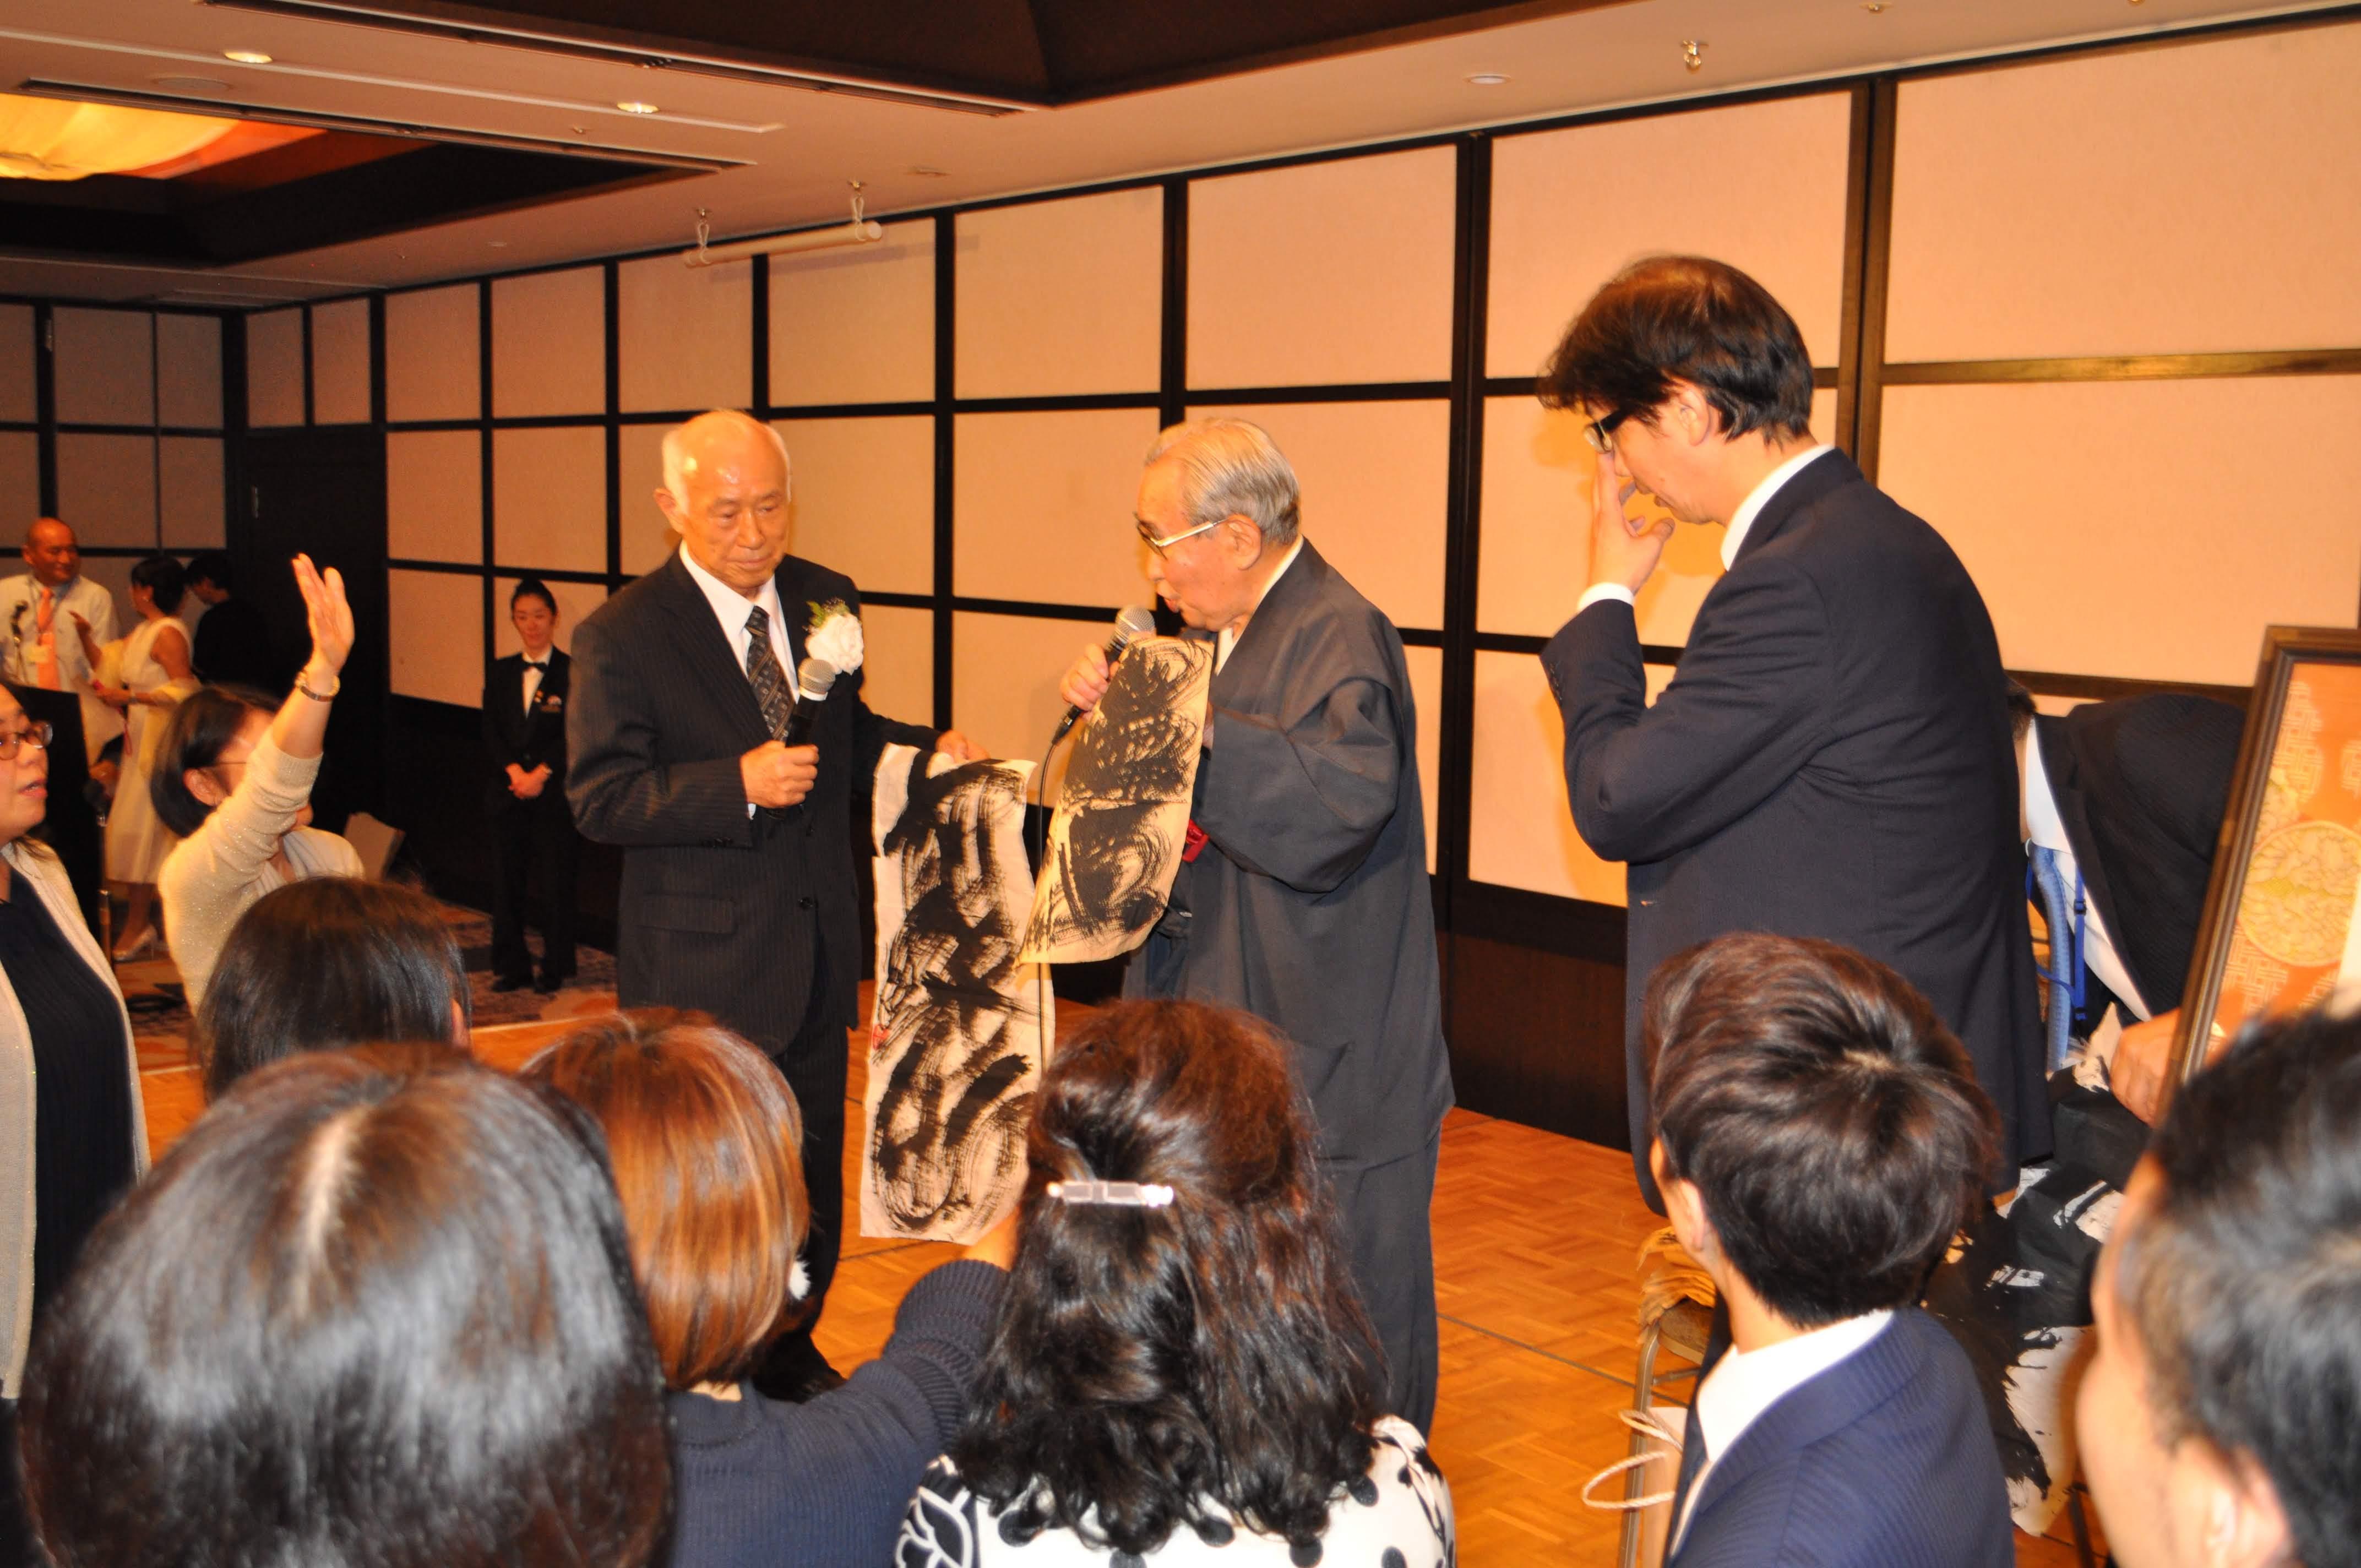 DSC 0586 1 - 思風会全国大会in広島